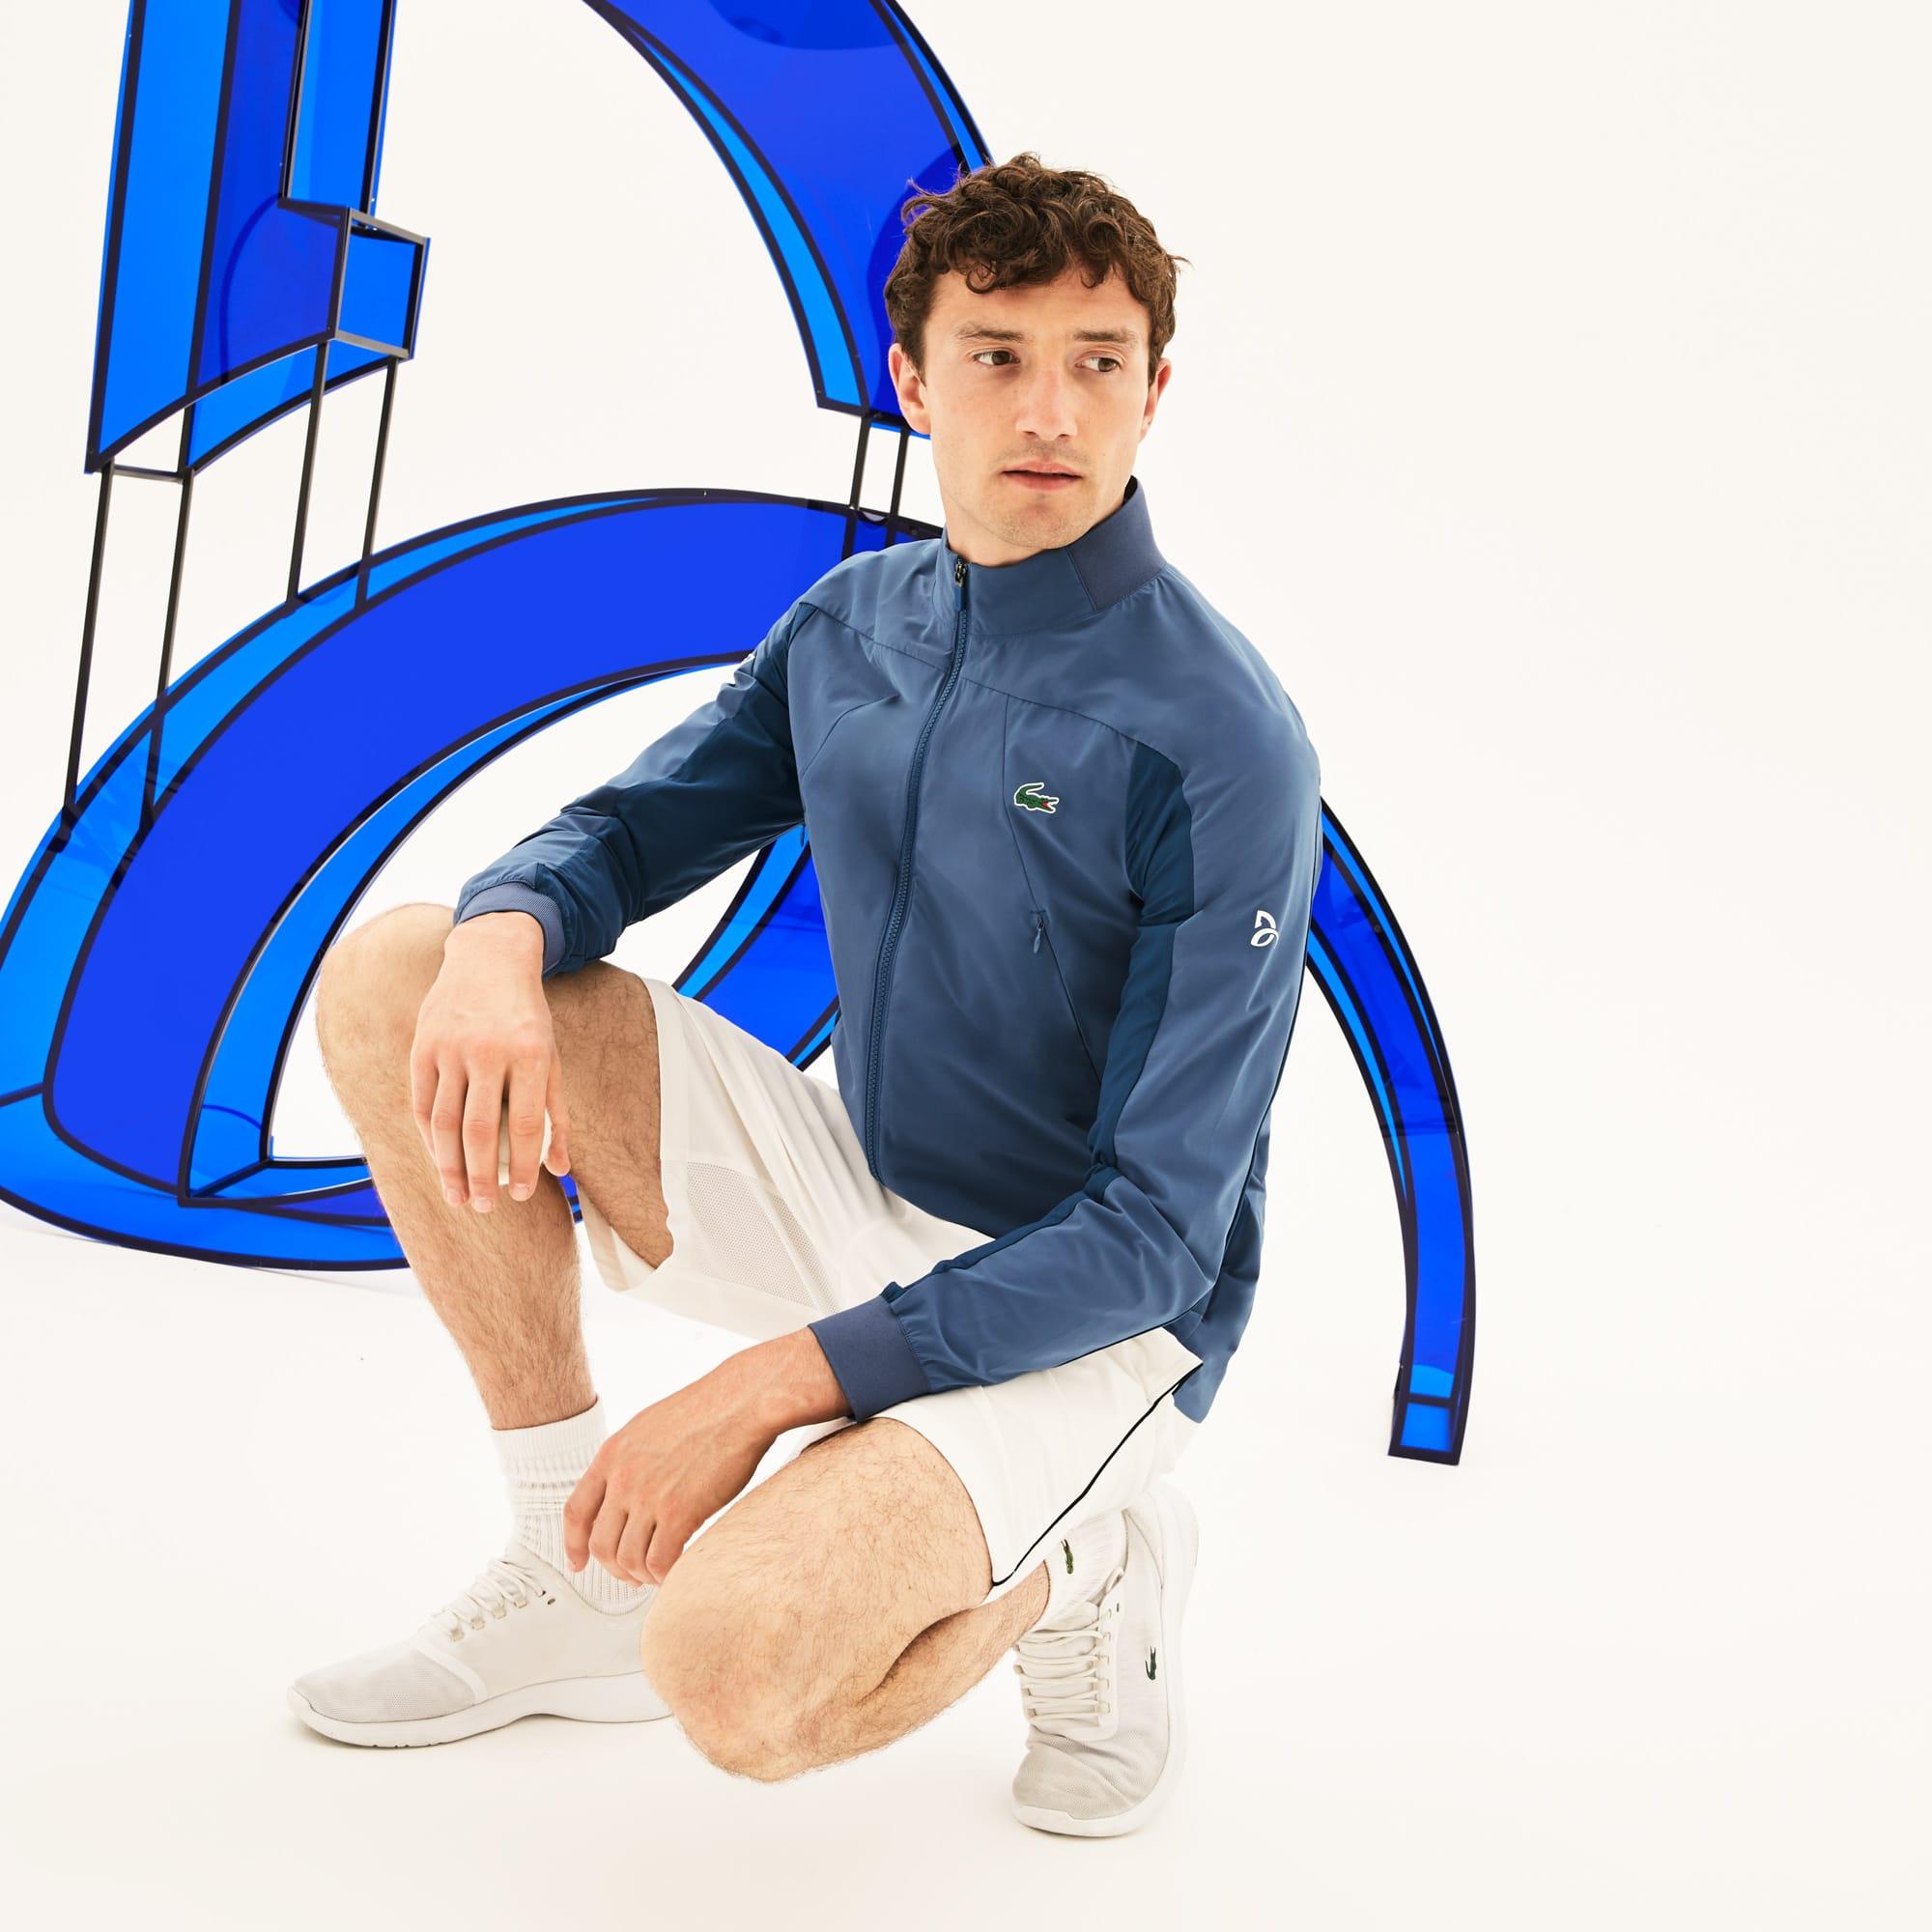 Lacoste SPORT Novak Djokovic Support With Style - Off Court Collection-jas heren taf met opstaande kraag